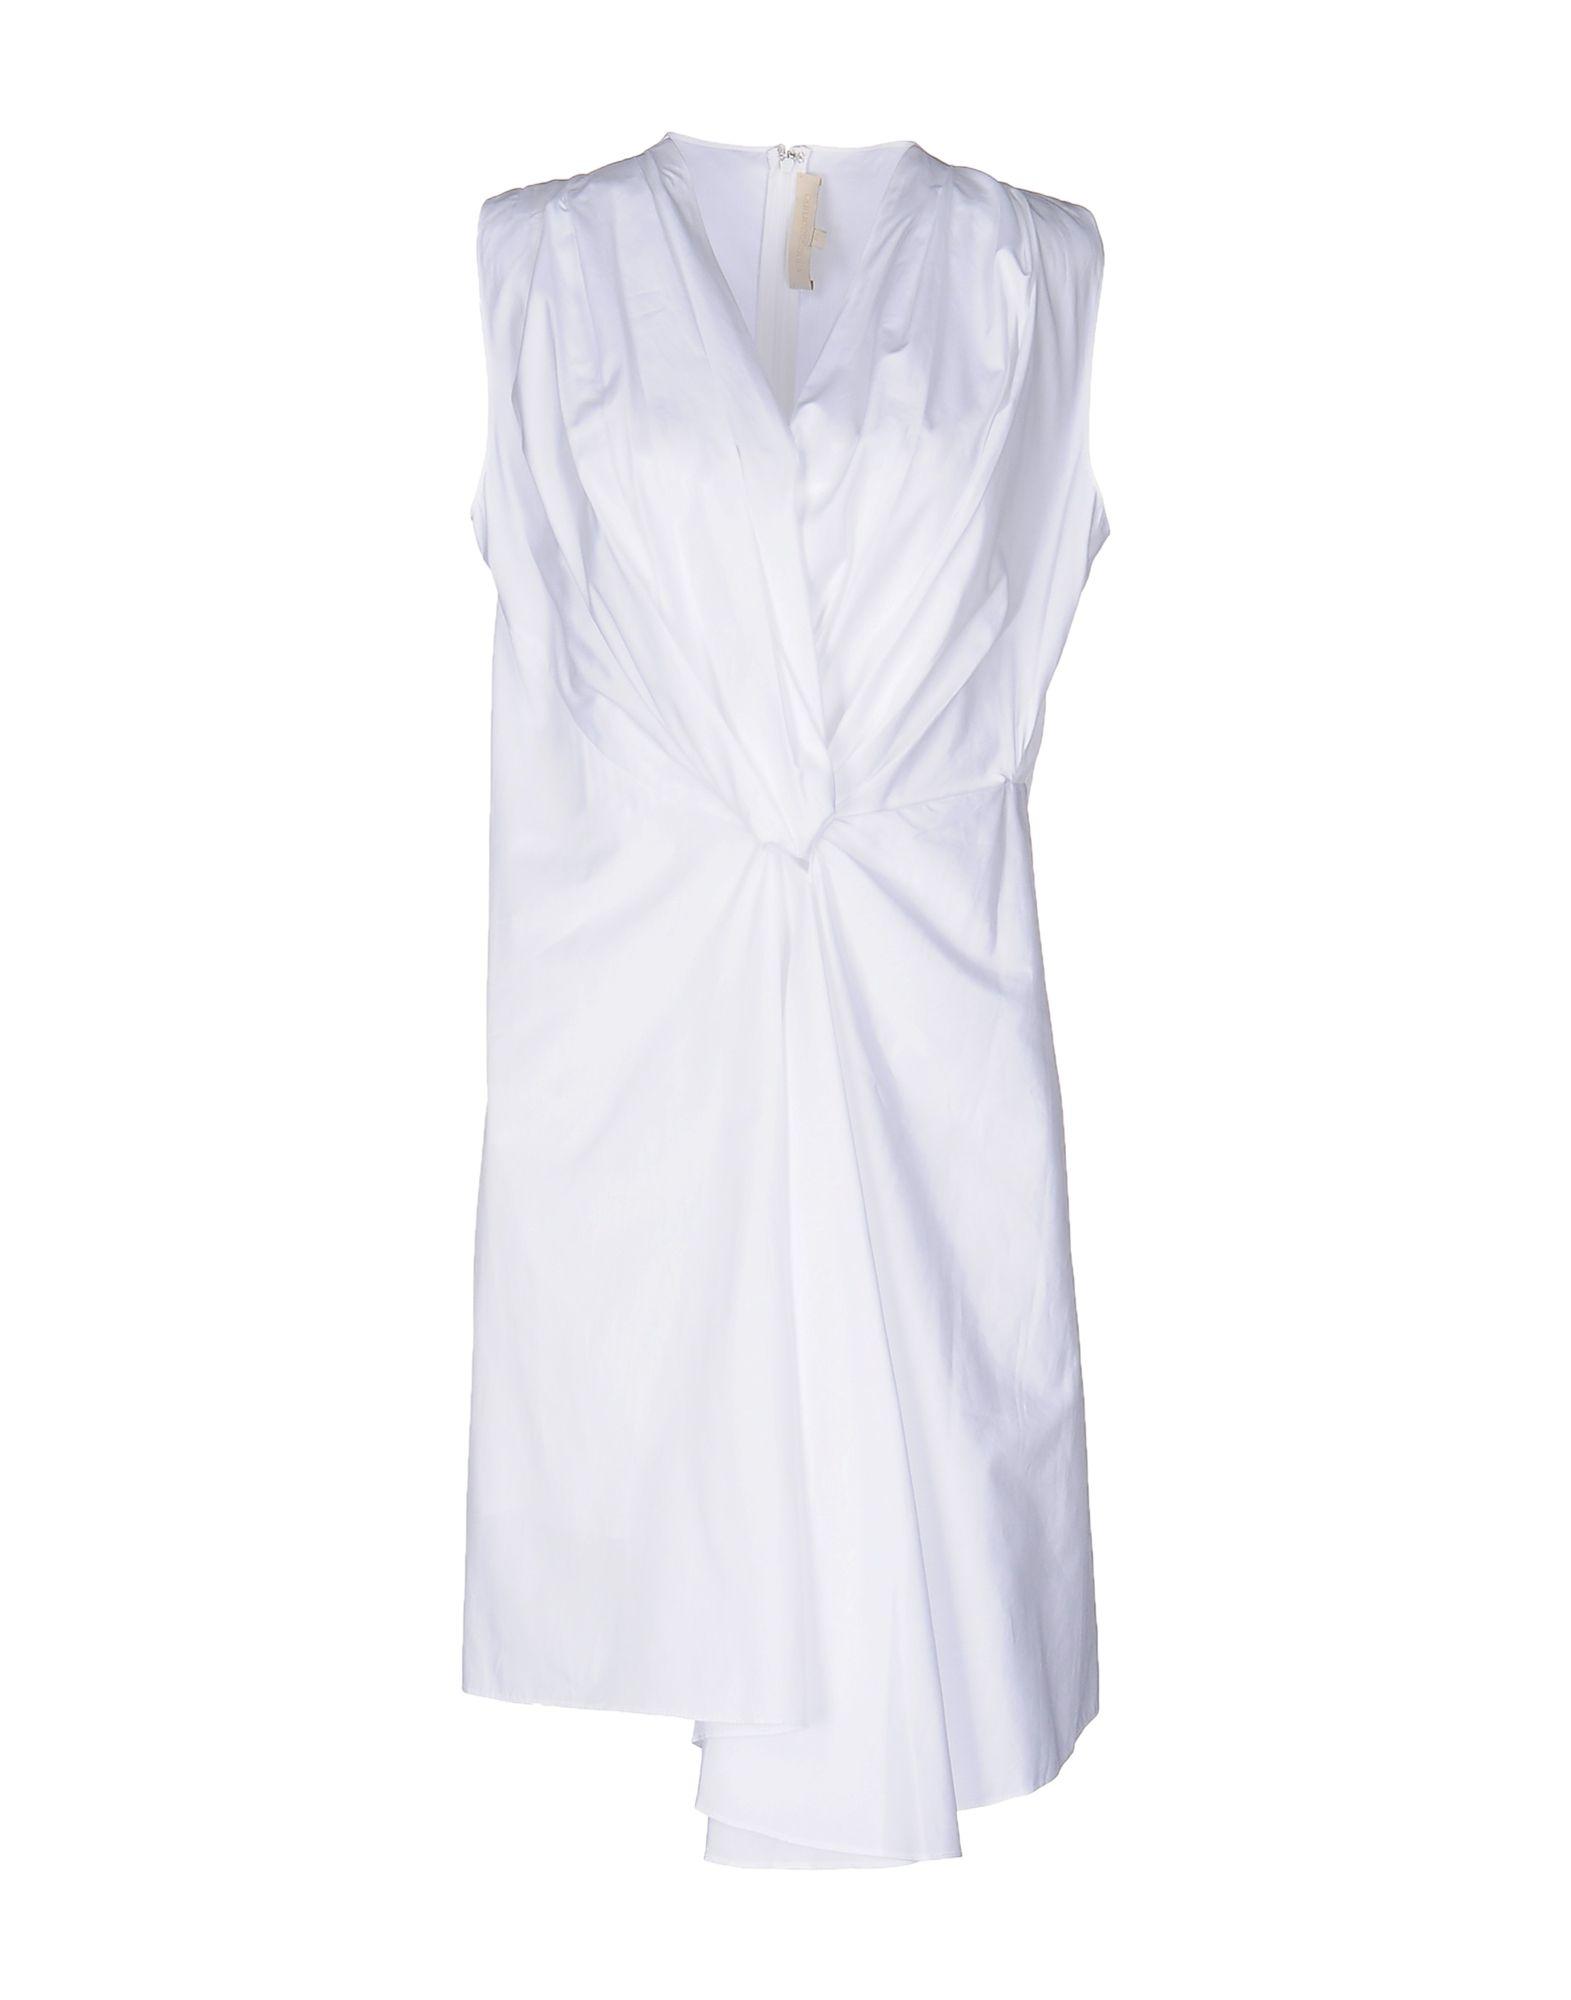 VANESSA BRUNO Damen Kurzes Kleid Farbe Weiß Größe 5 jetztbilligerkaufen